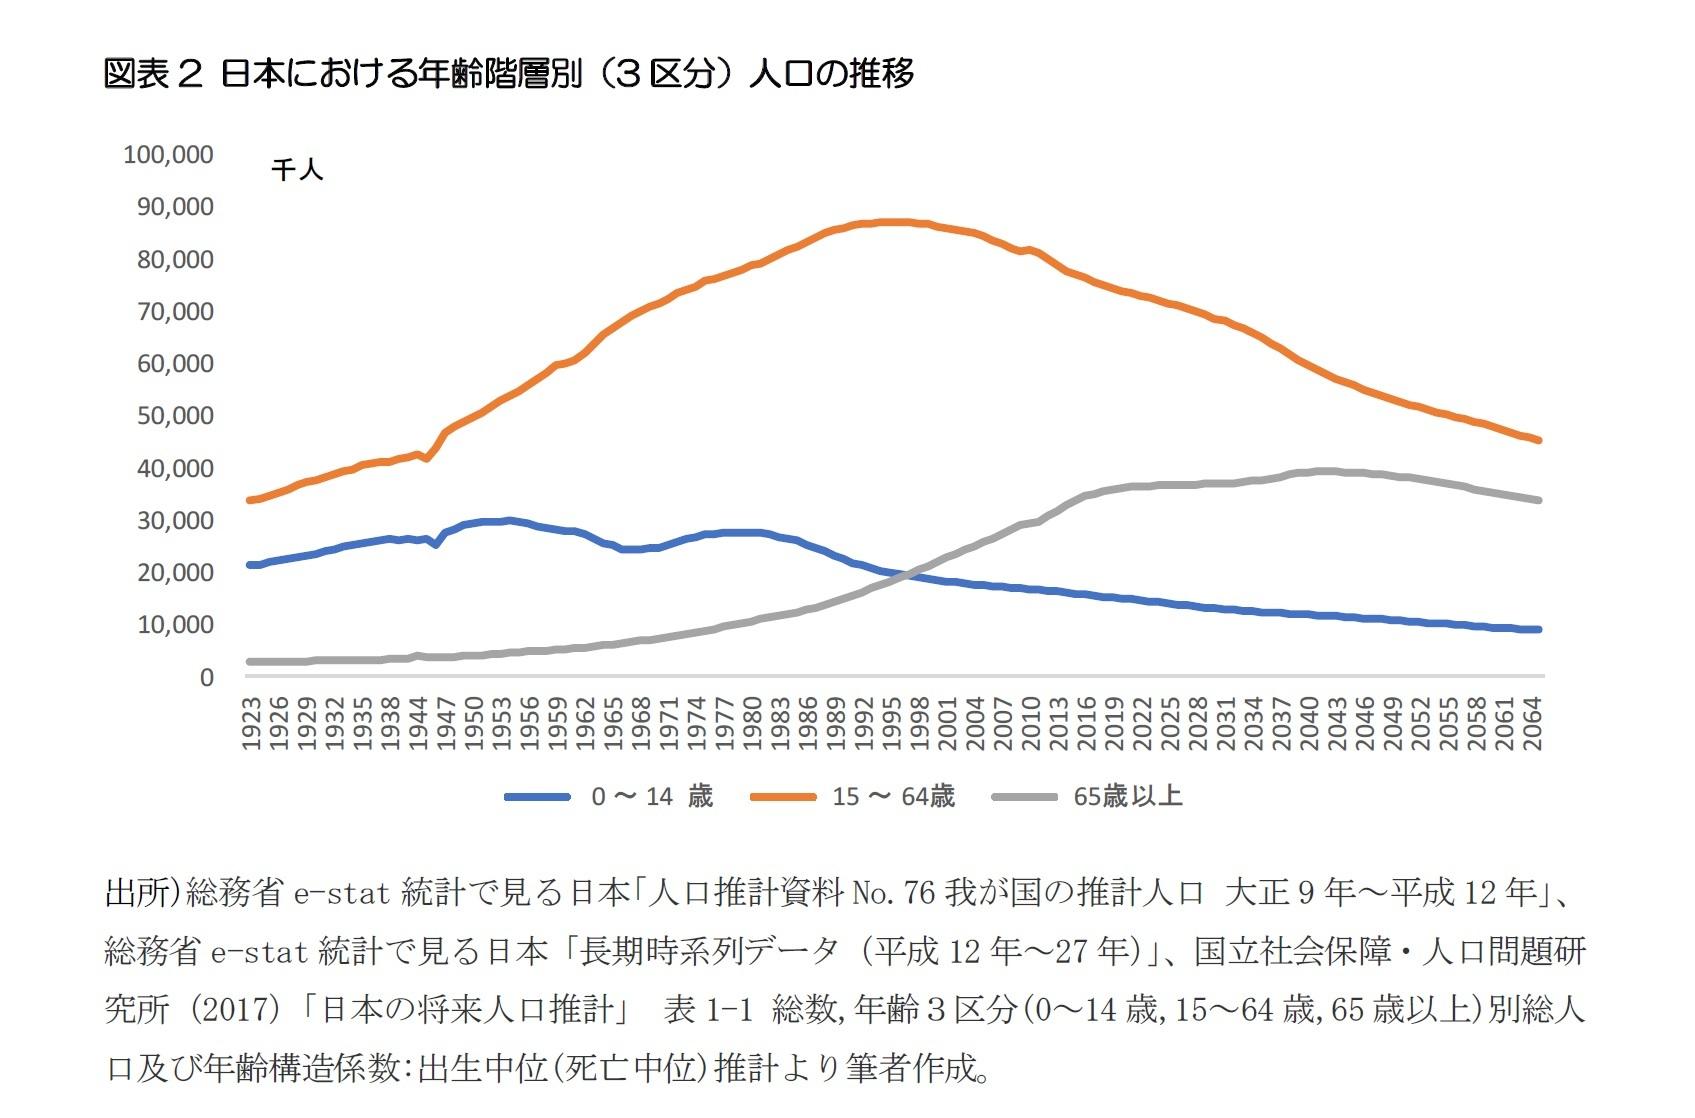 図表2 日本における年齢階層別(3区分)人口の推移